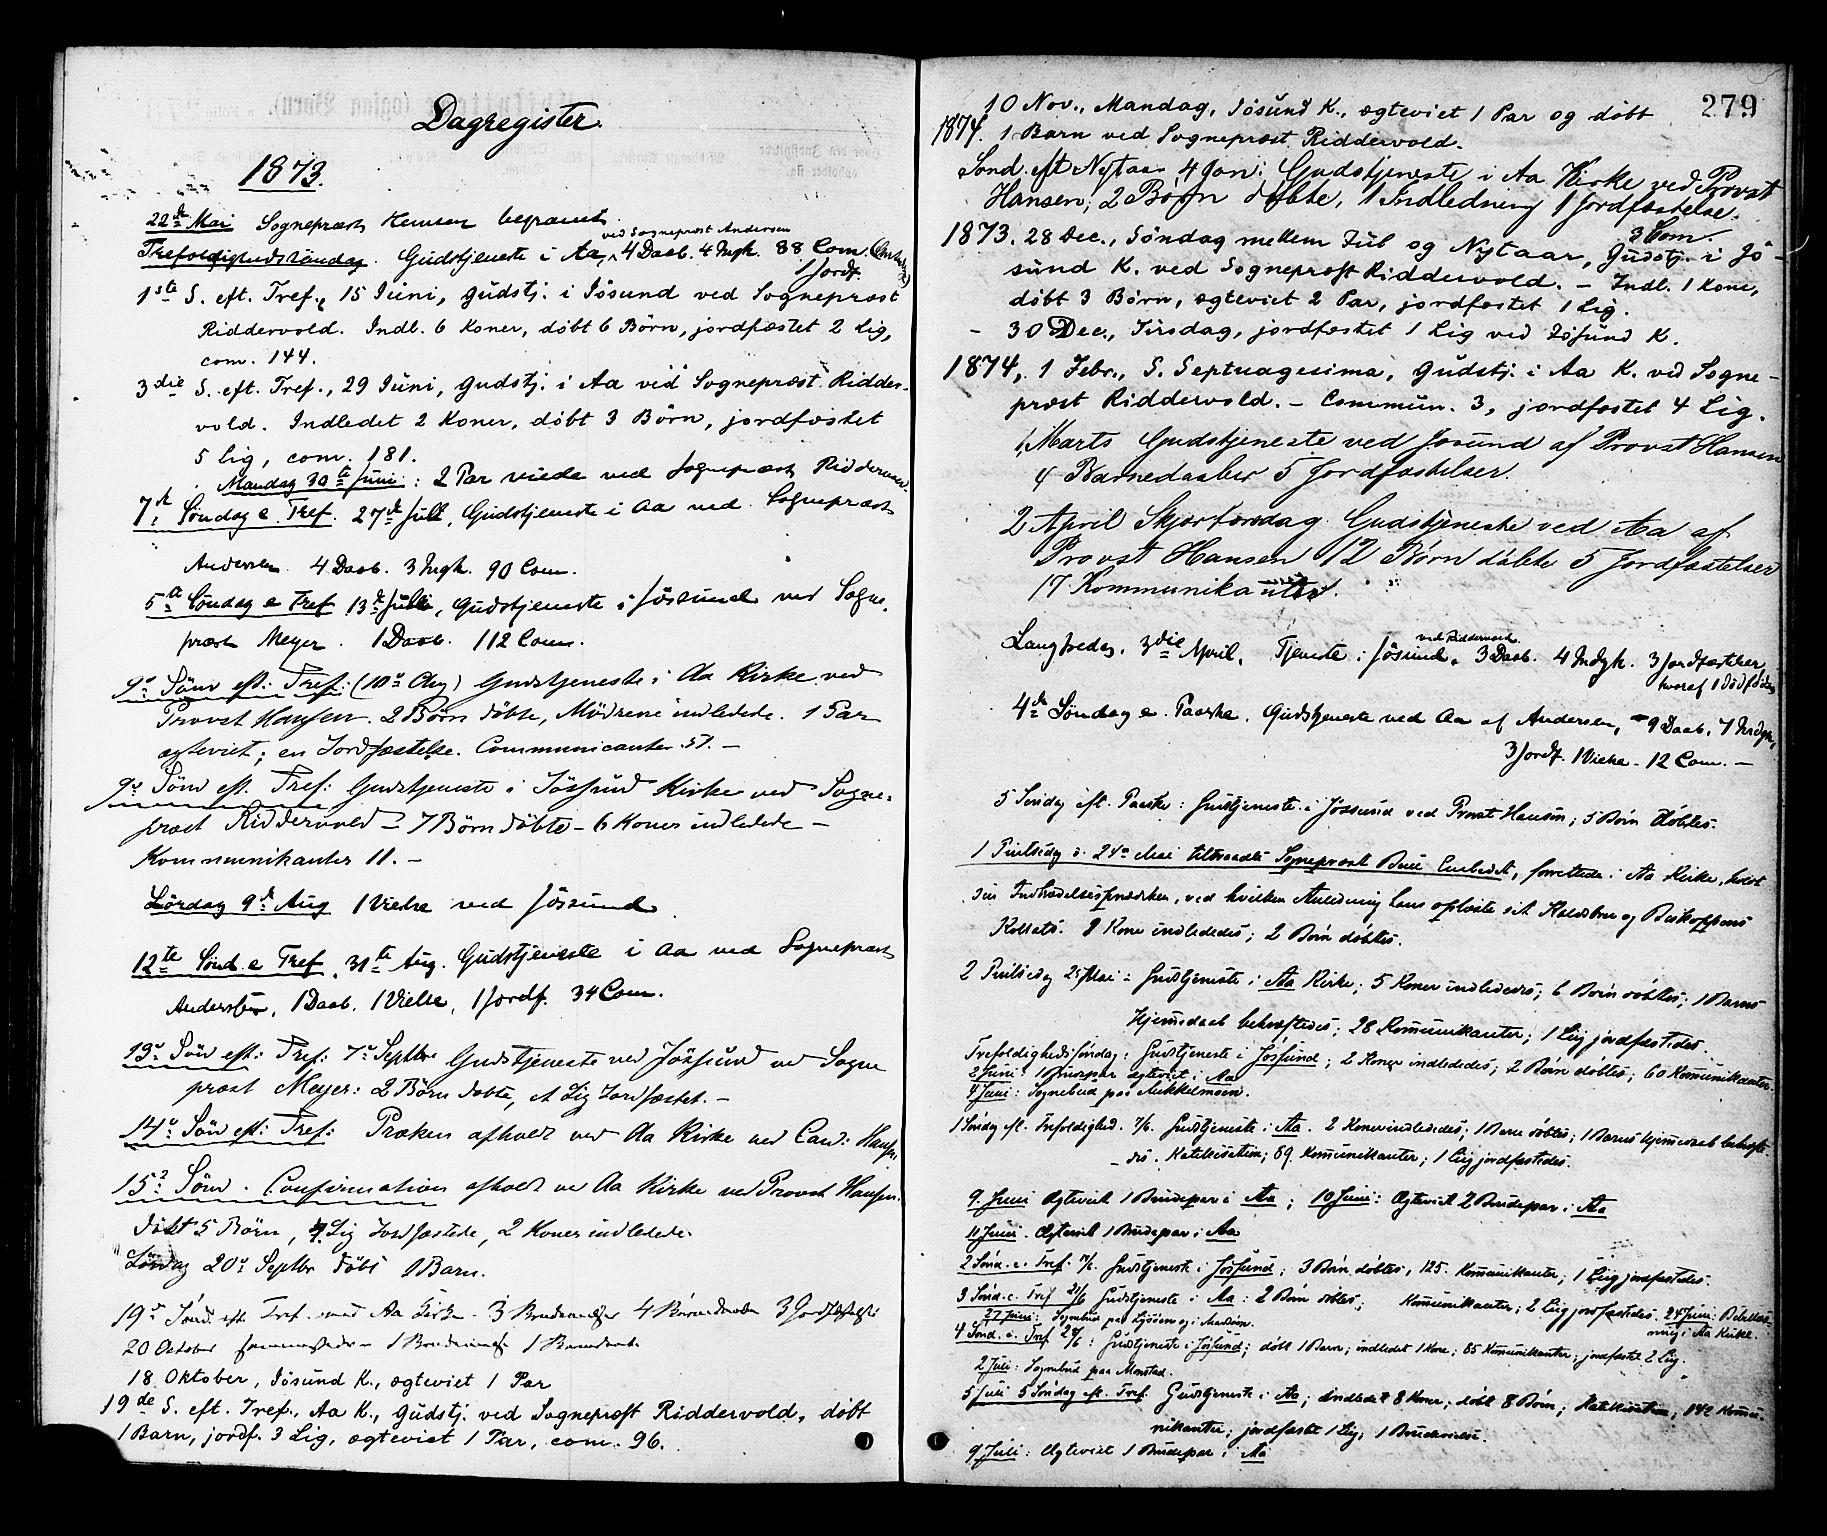 SAT, Ministerialprotokoller, klokkerbøker og fødselsregistre - Sør-Trøndelag, 655/L0679: Ministerialbok nr. 655A08, 1873-1879, s. 279